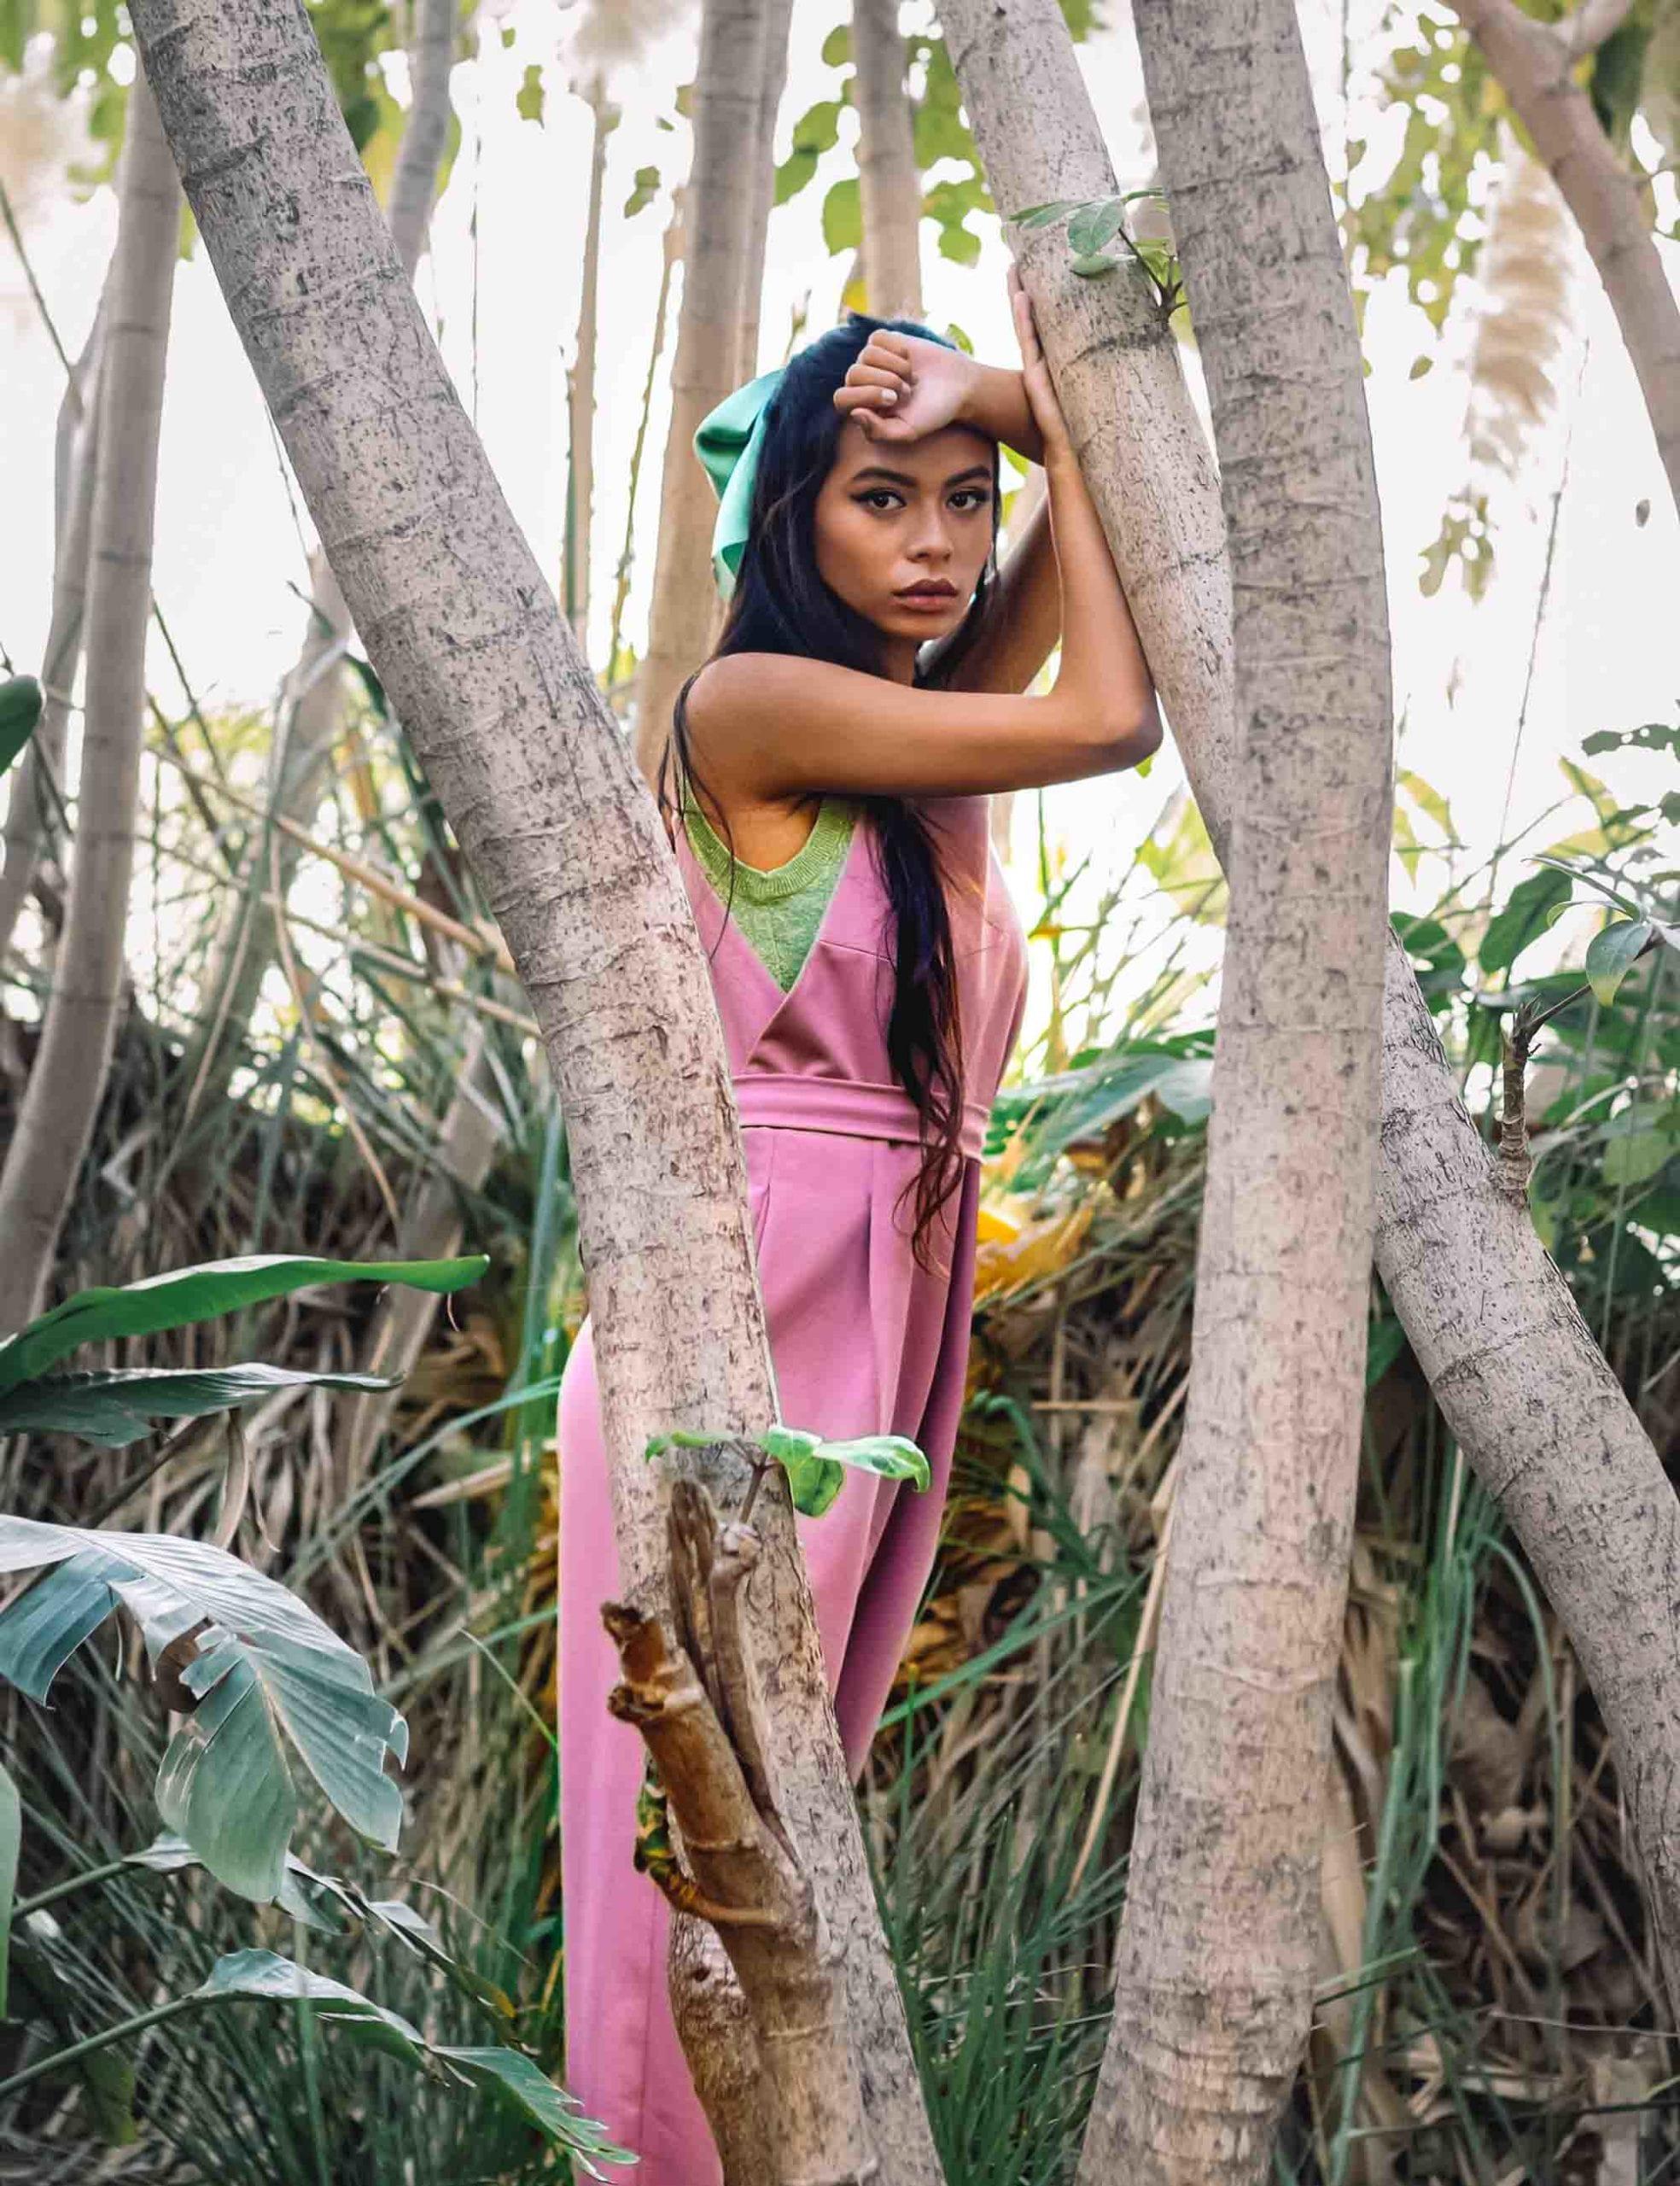 סוזי אבו קעוד, מגזין אופנה - 3